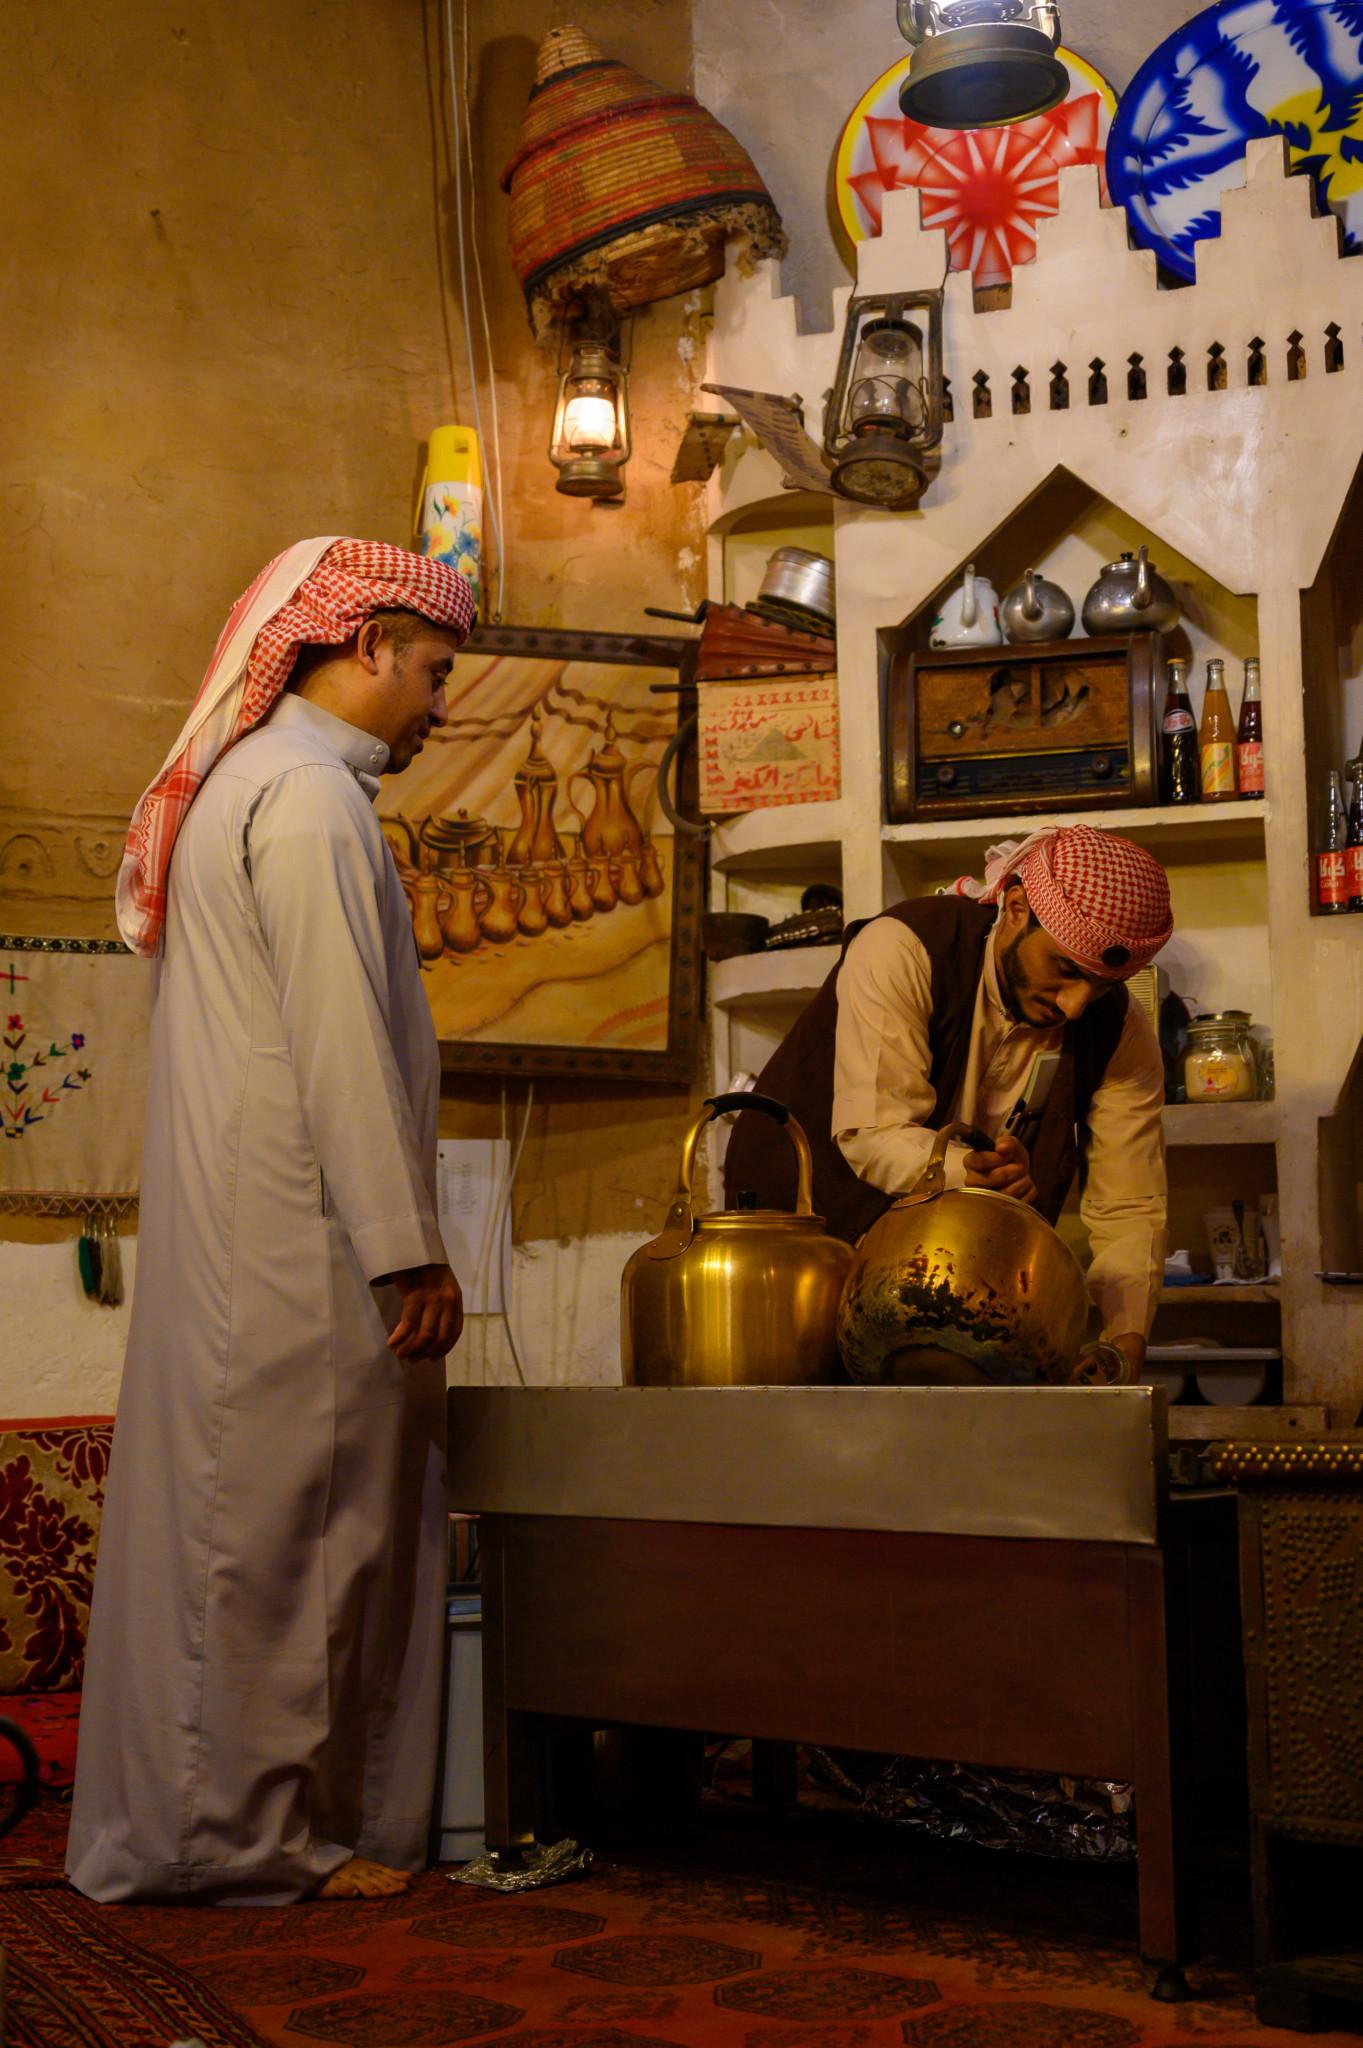 Die Männer tragen die traditionelle saudische Kleidung